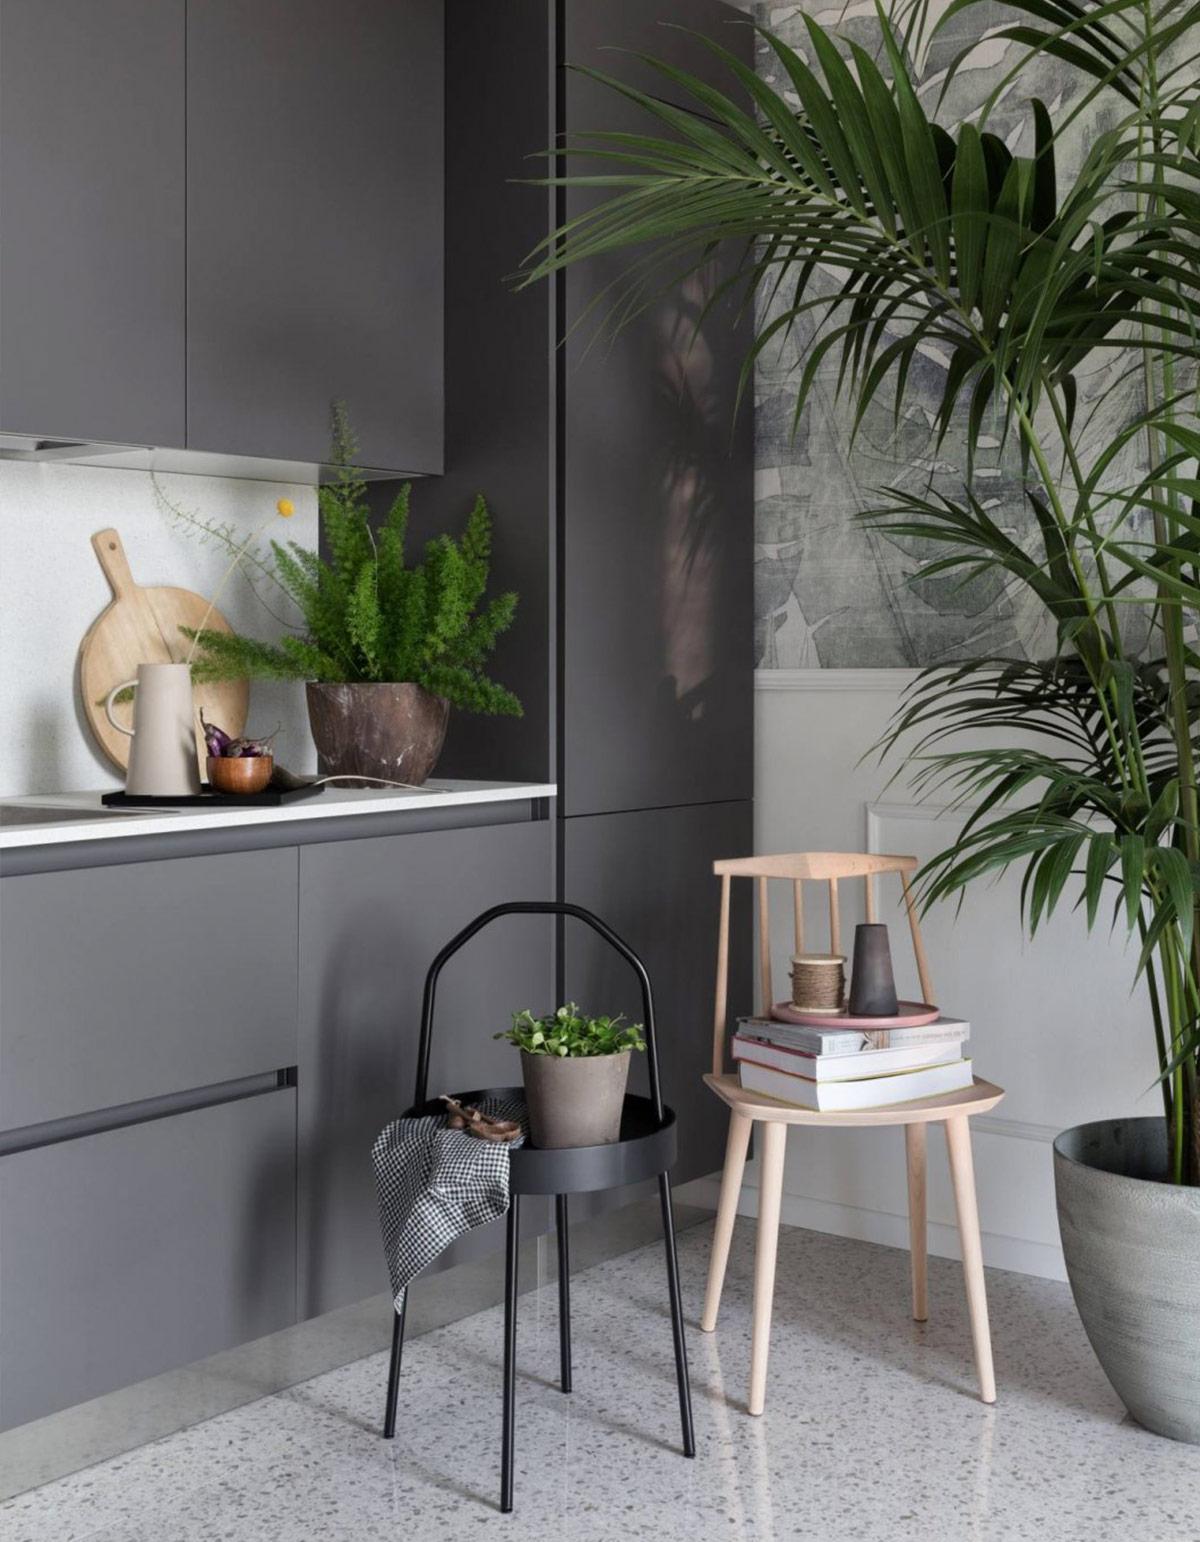 thiết kế nội thất căn hộ 2 phòng ngủ phong cách tropical tươi mát